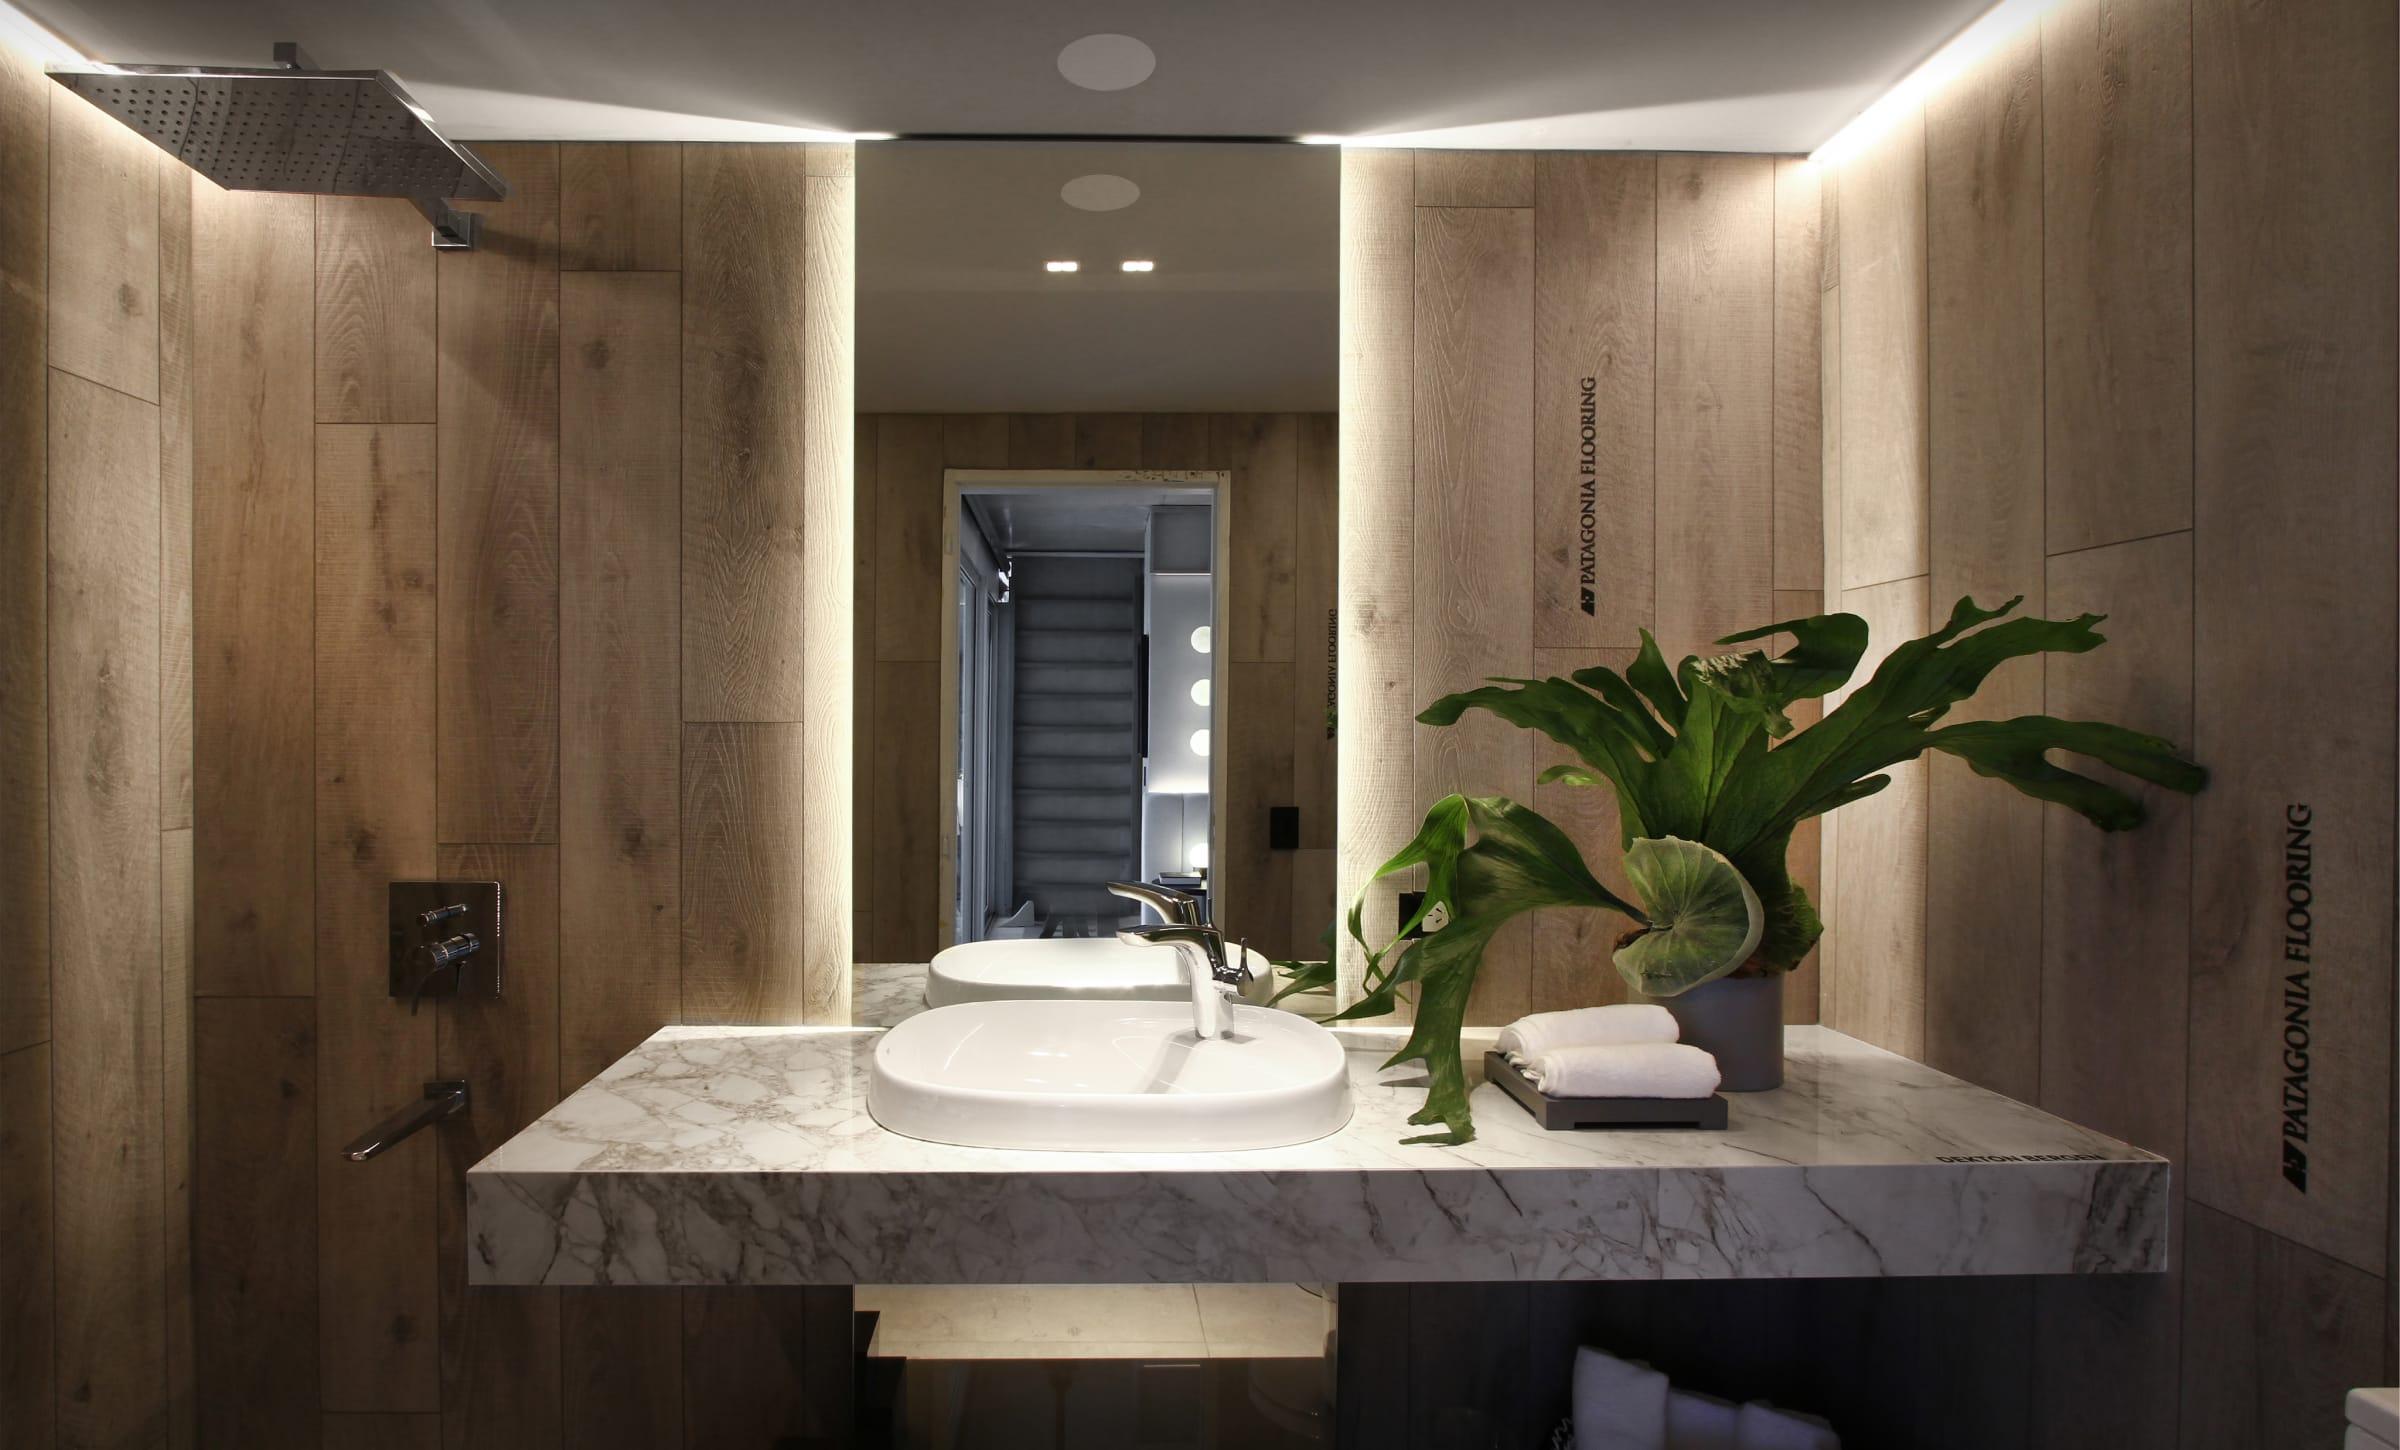 Para este cuarto de baño, Viviana Melamed eligió el plato de ducha cuadrado Neo Daiquiri, el lavatorio de la línea Beyond y griferías Roca